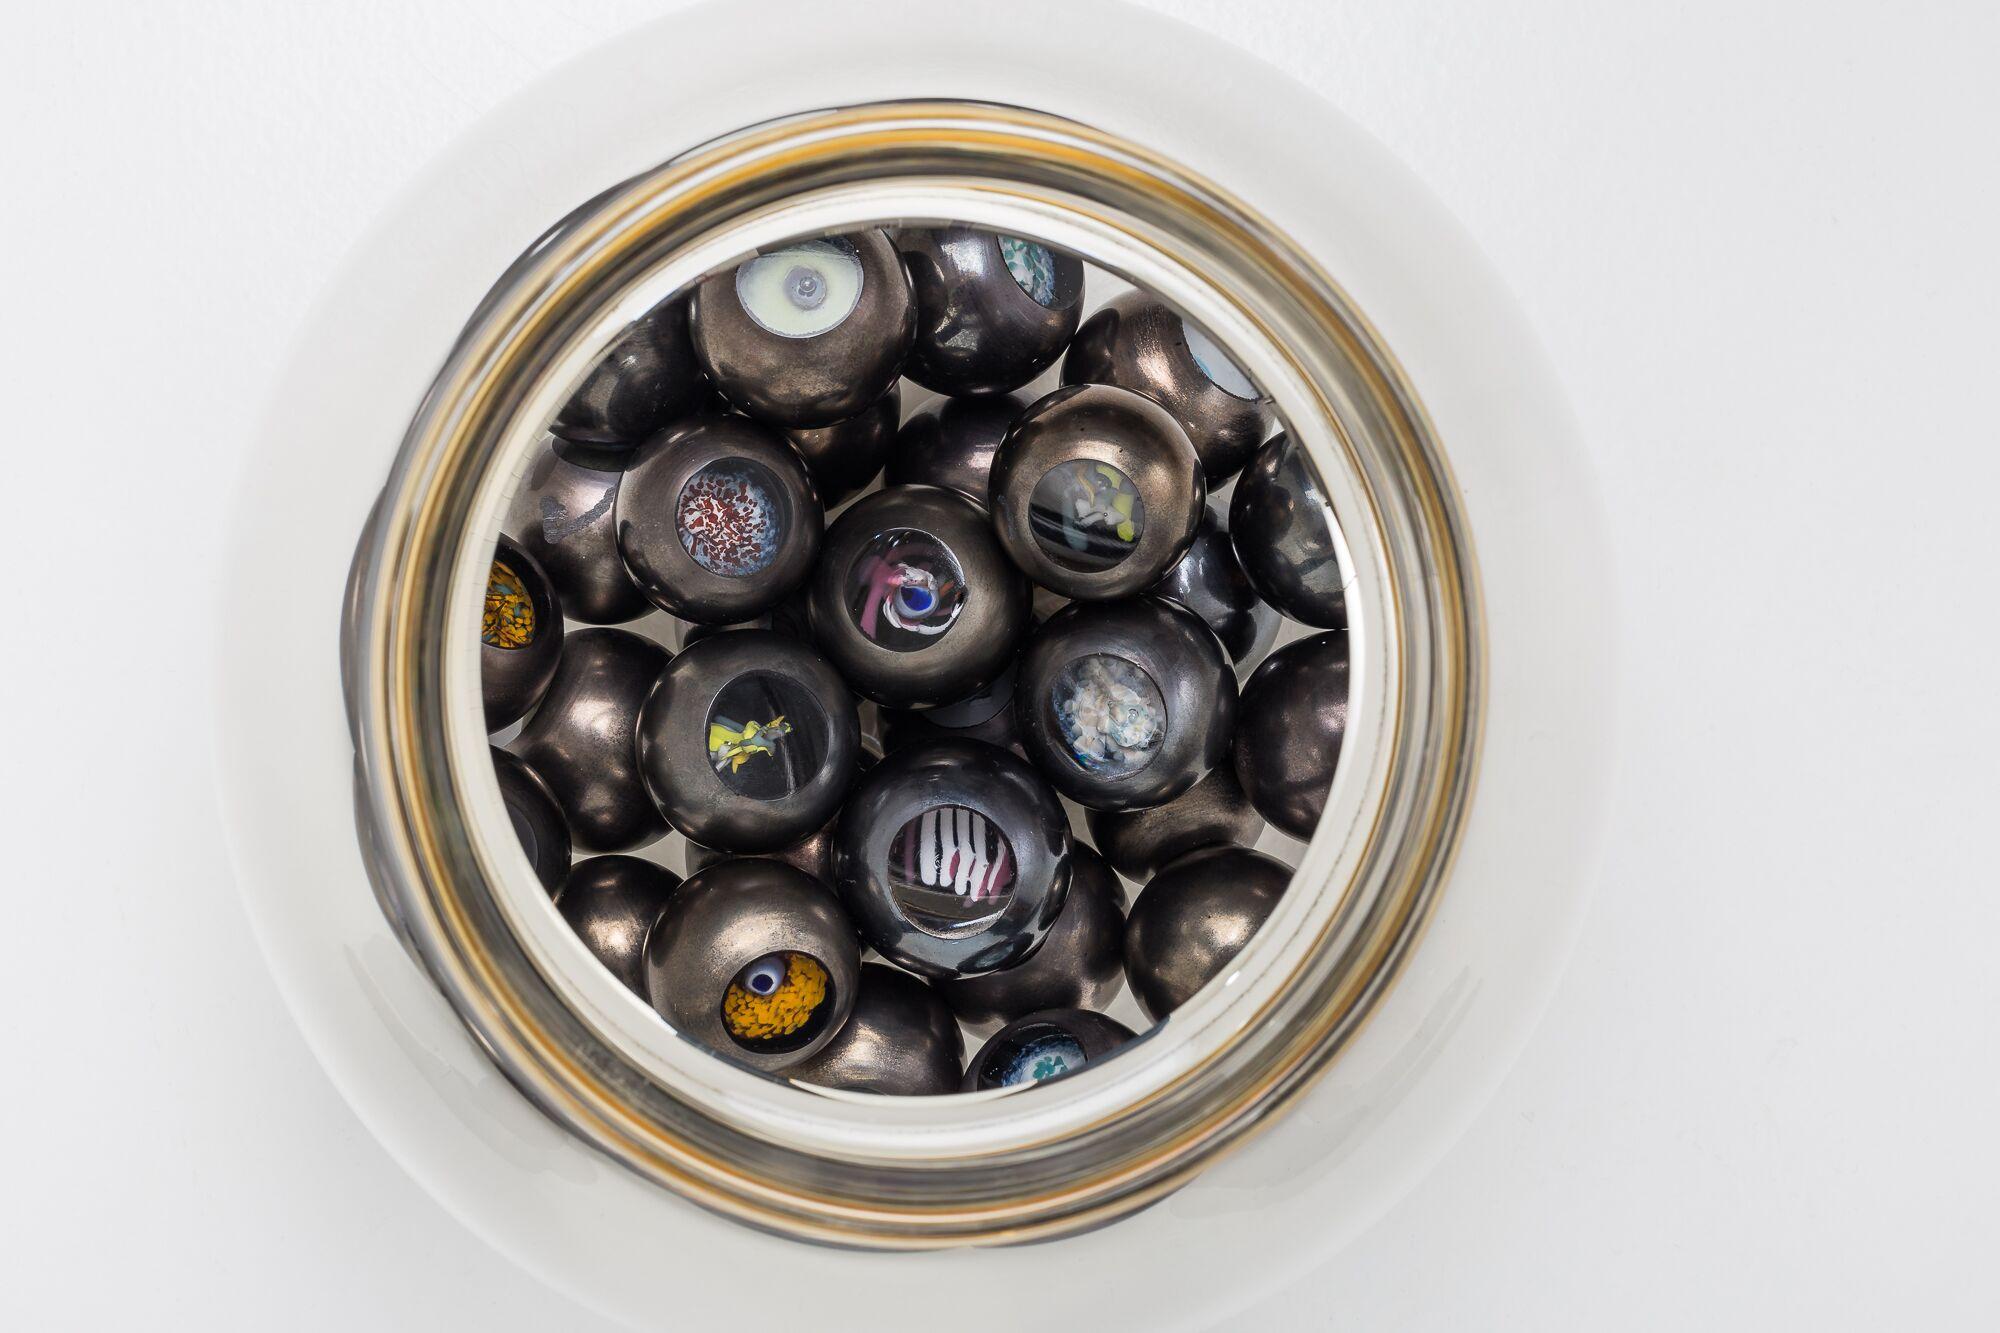 Caviar details